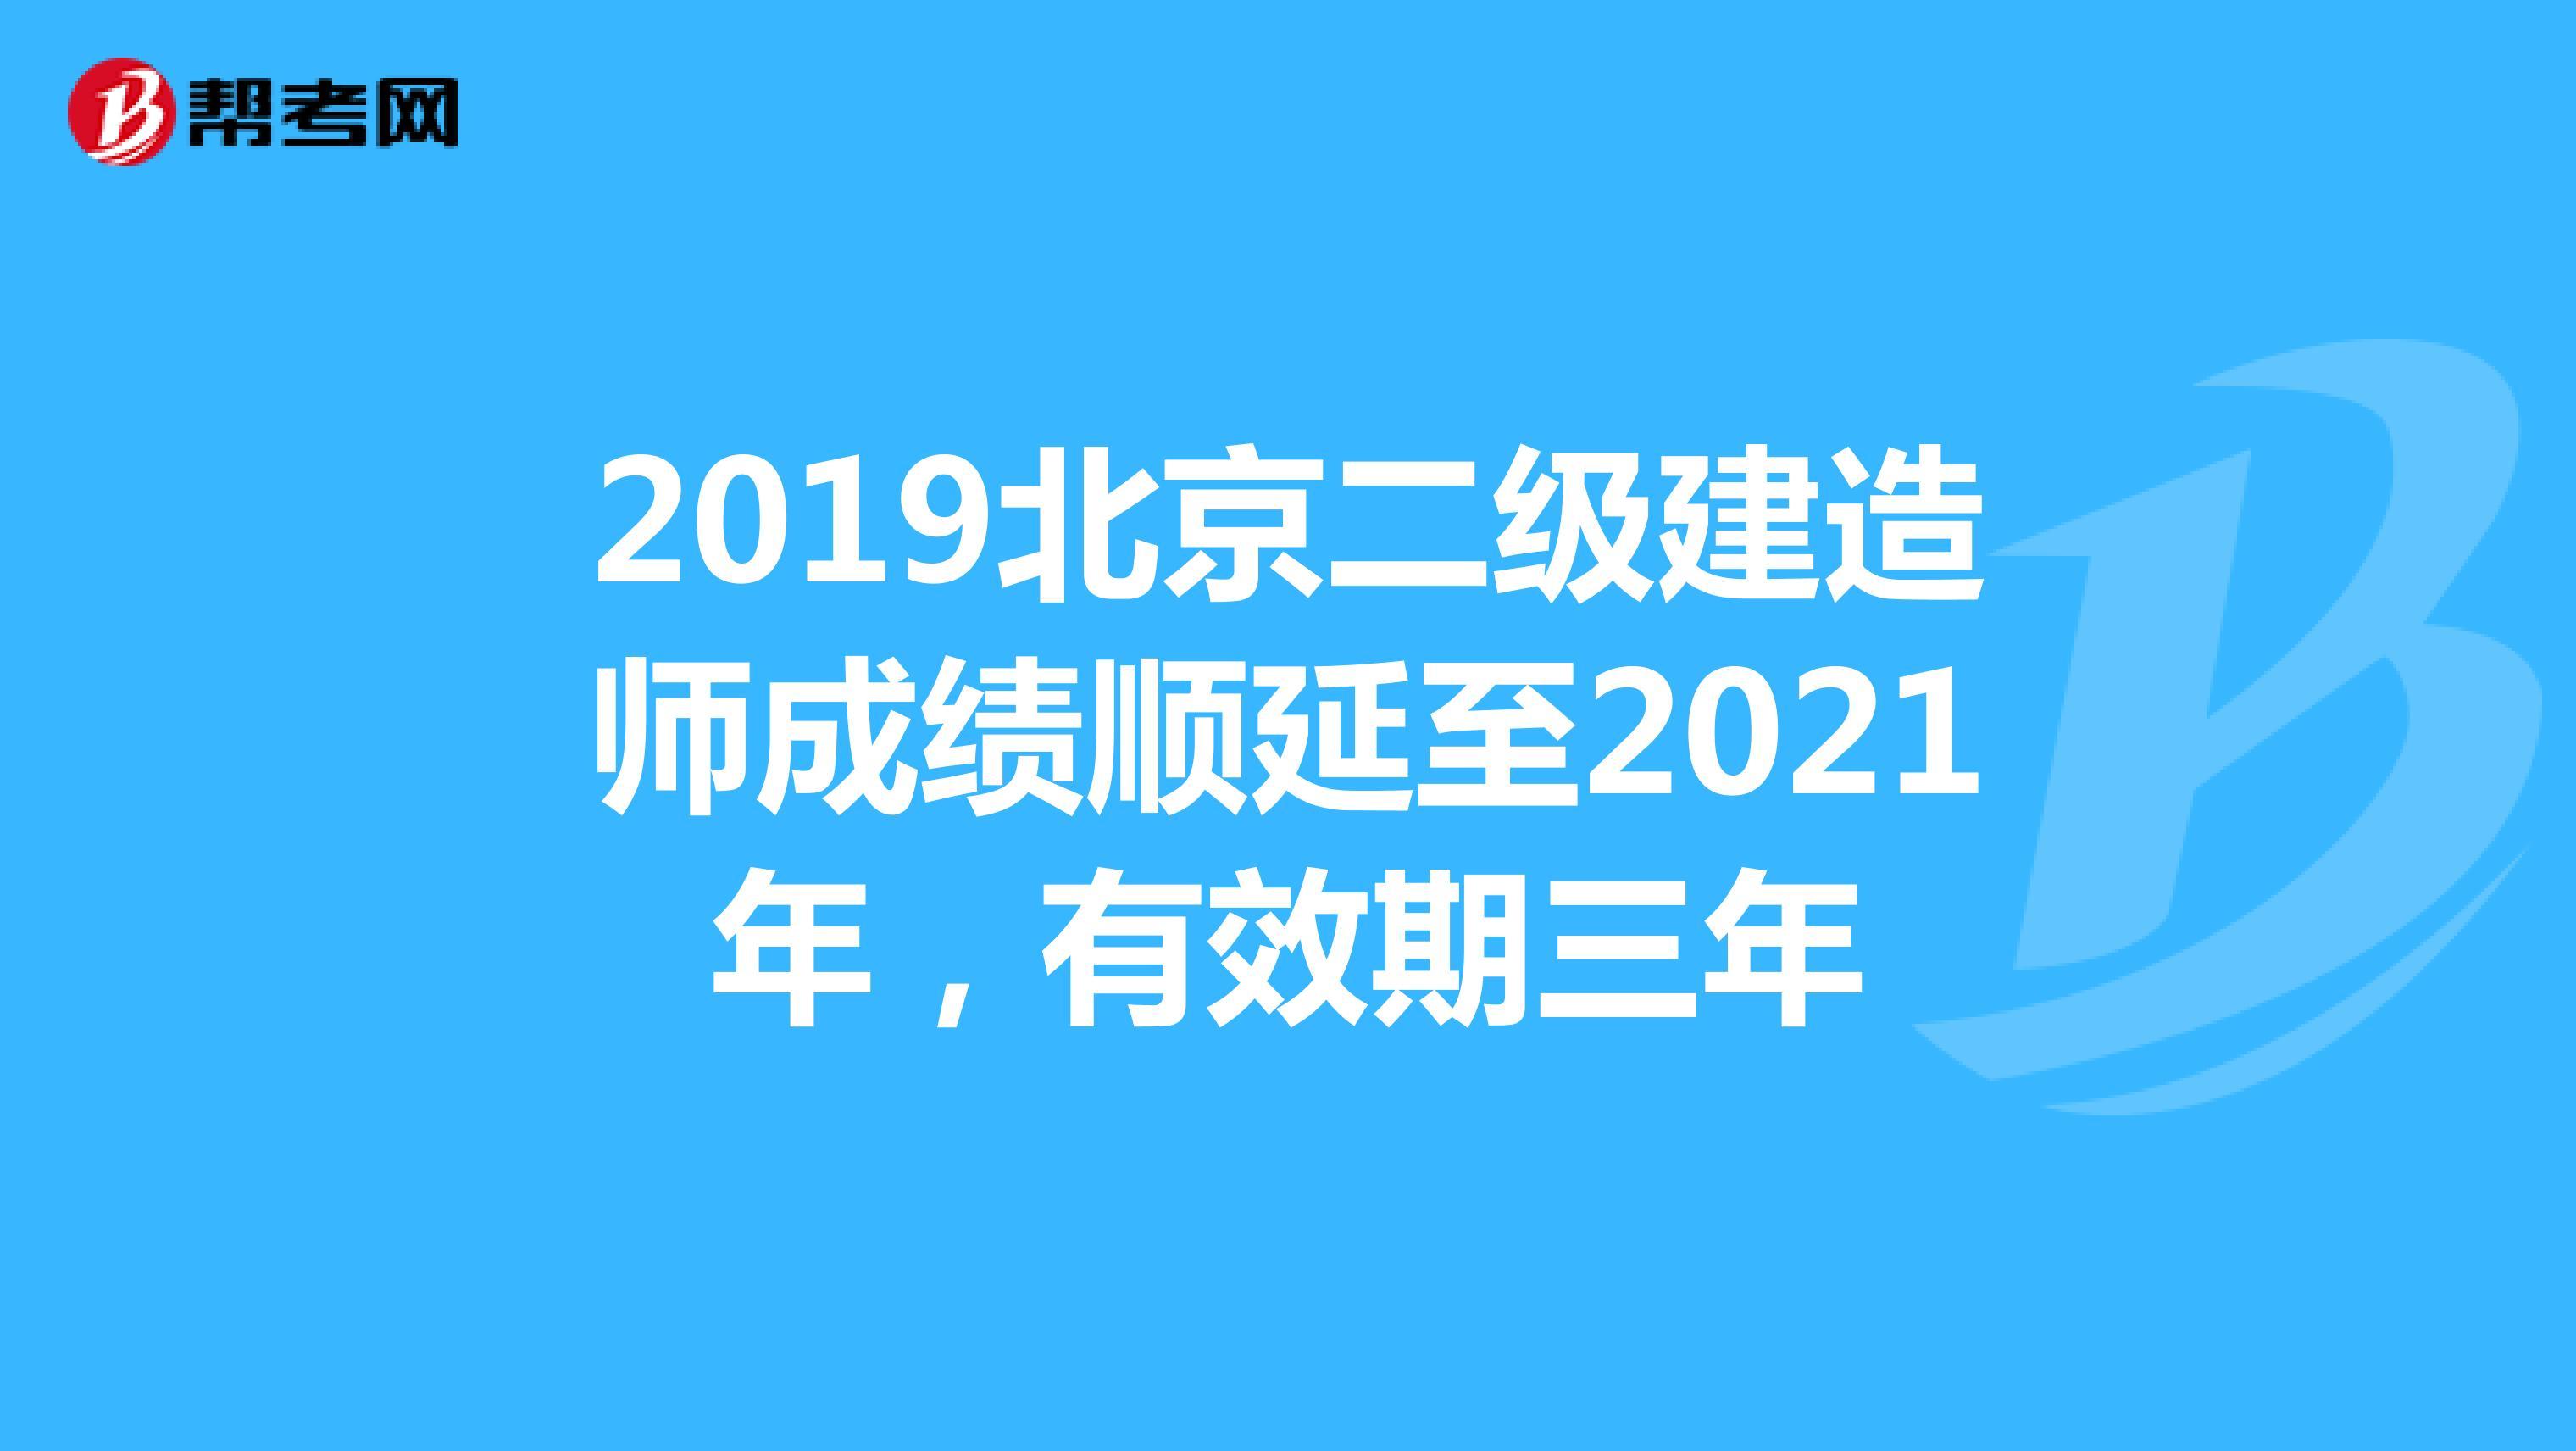 2019北京二級建造師成績順延至2021年,有效期三年